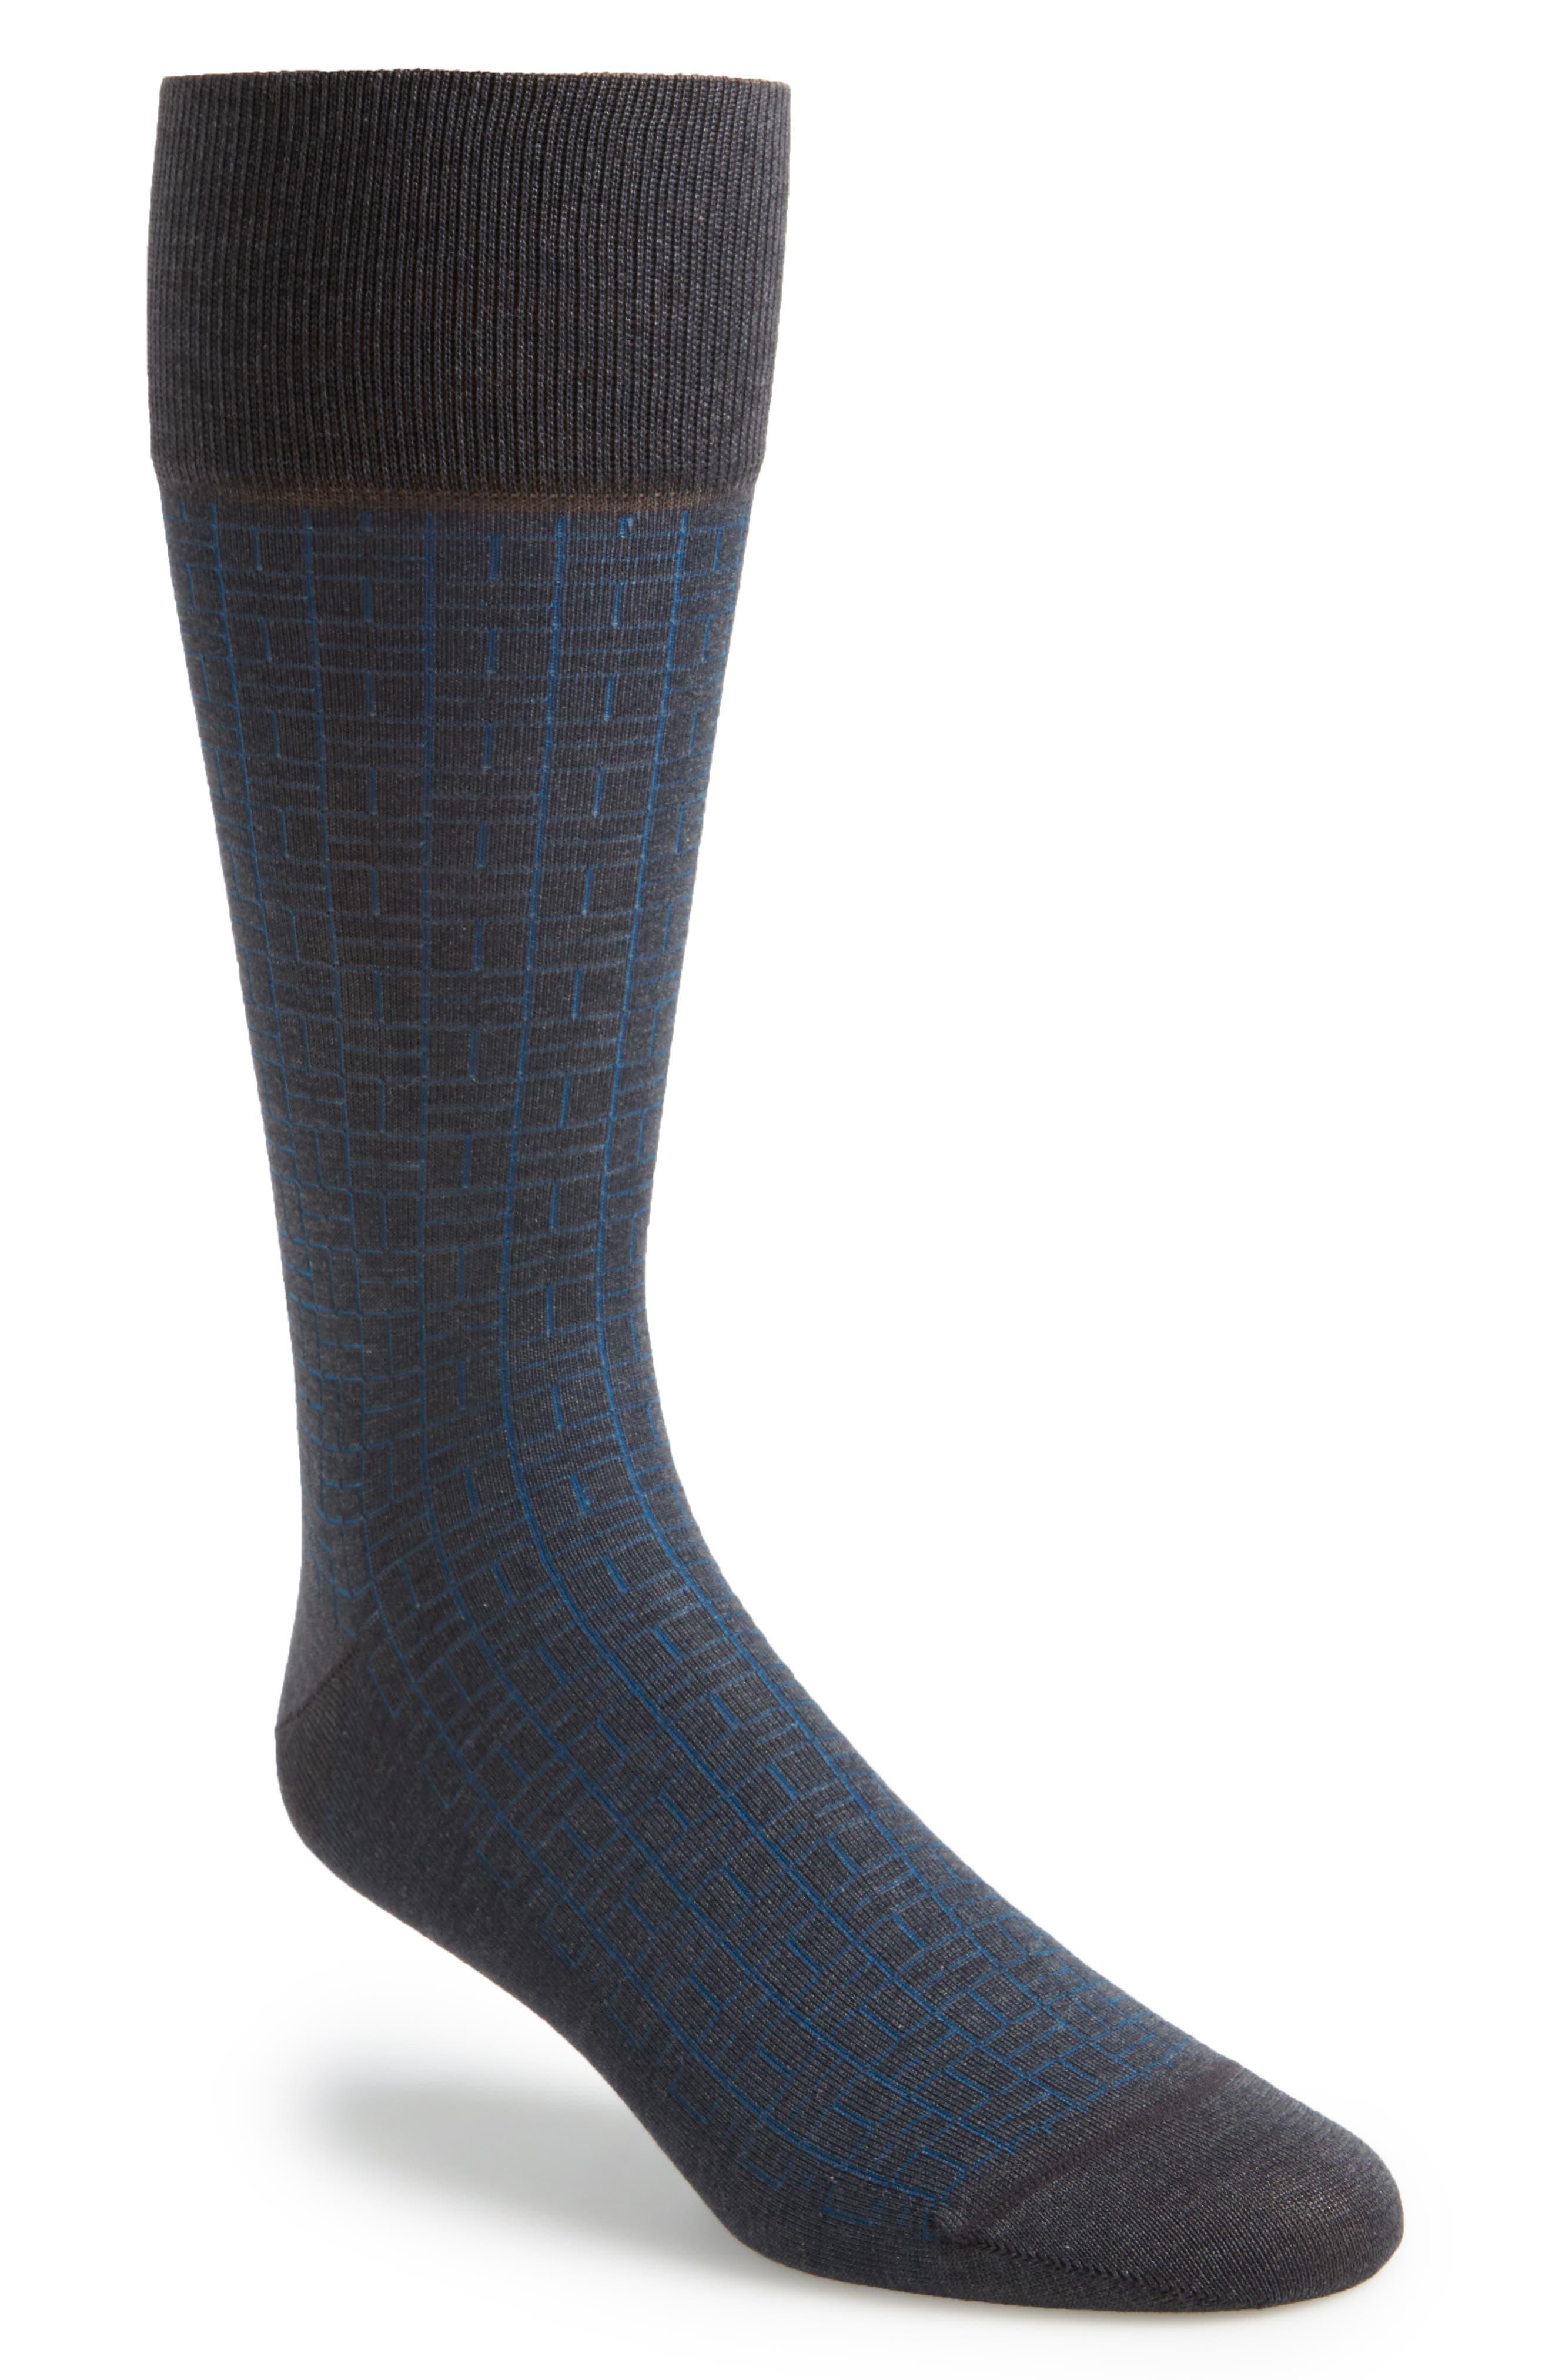 Domino Socks,                         Main,                         color, 021